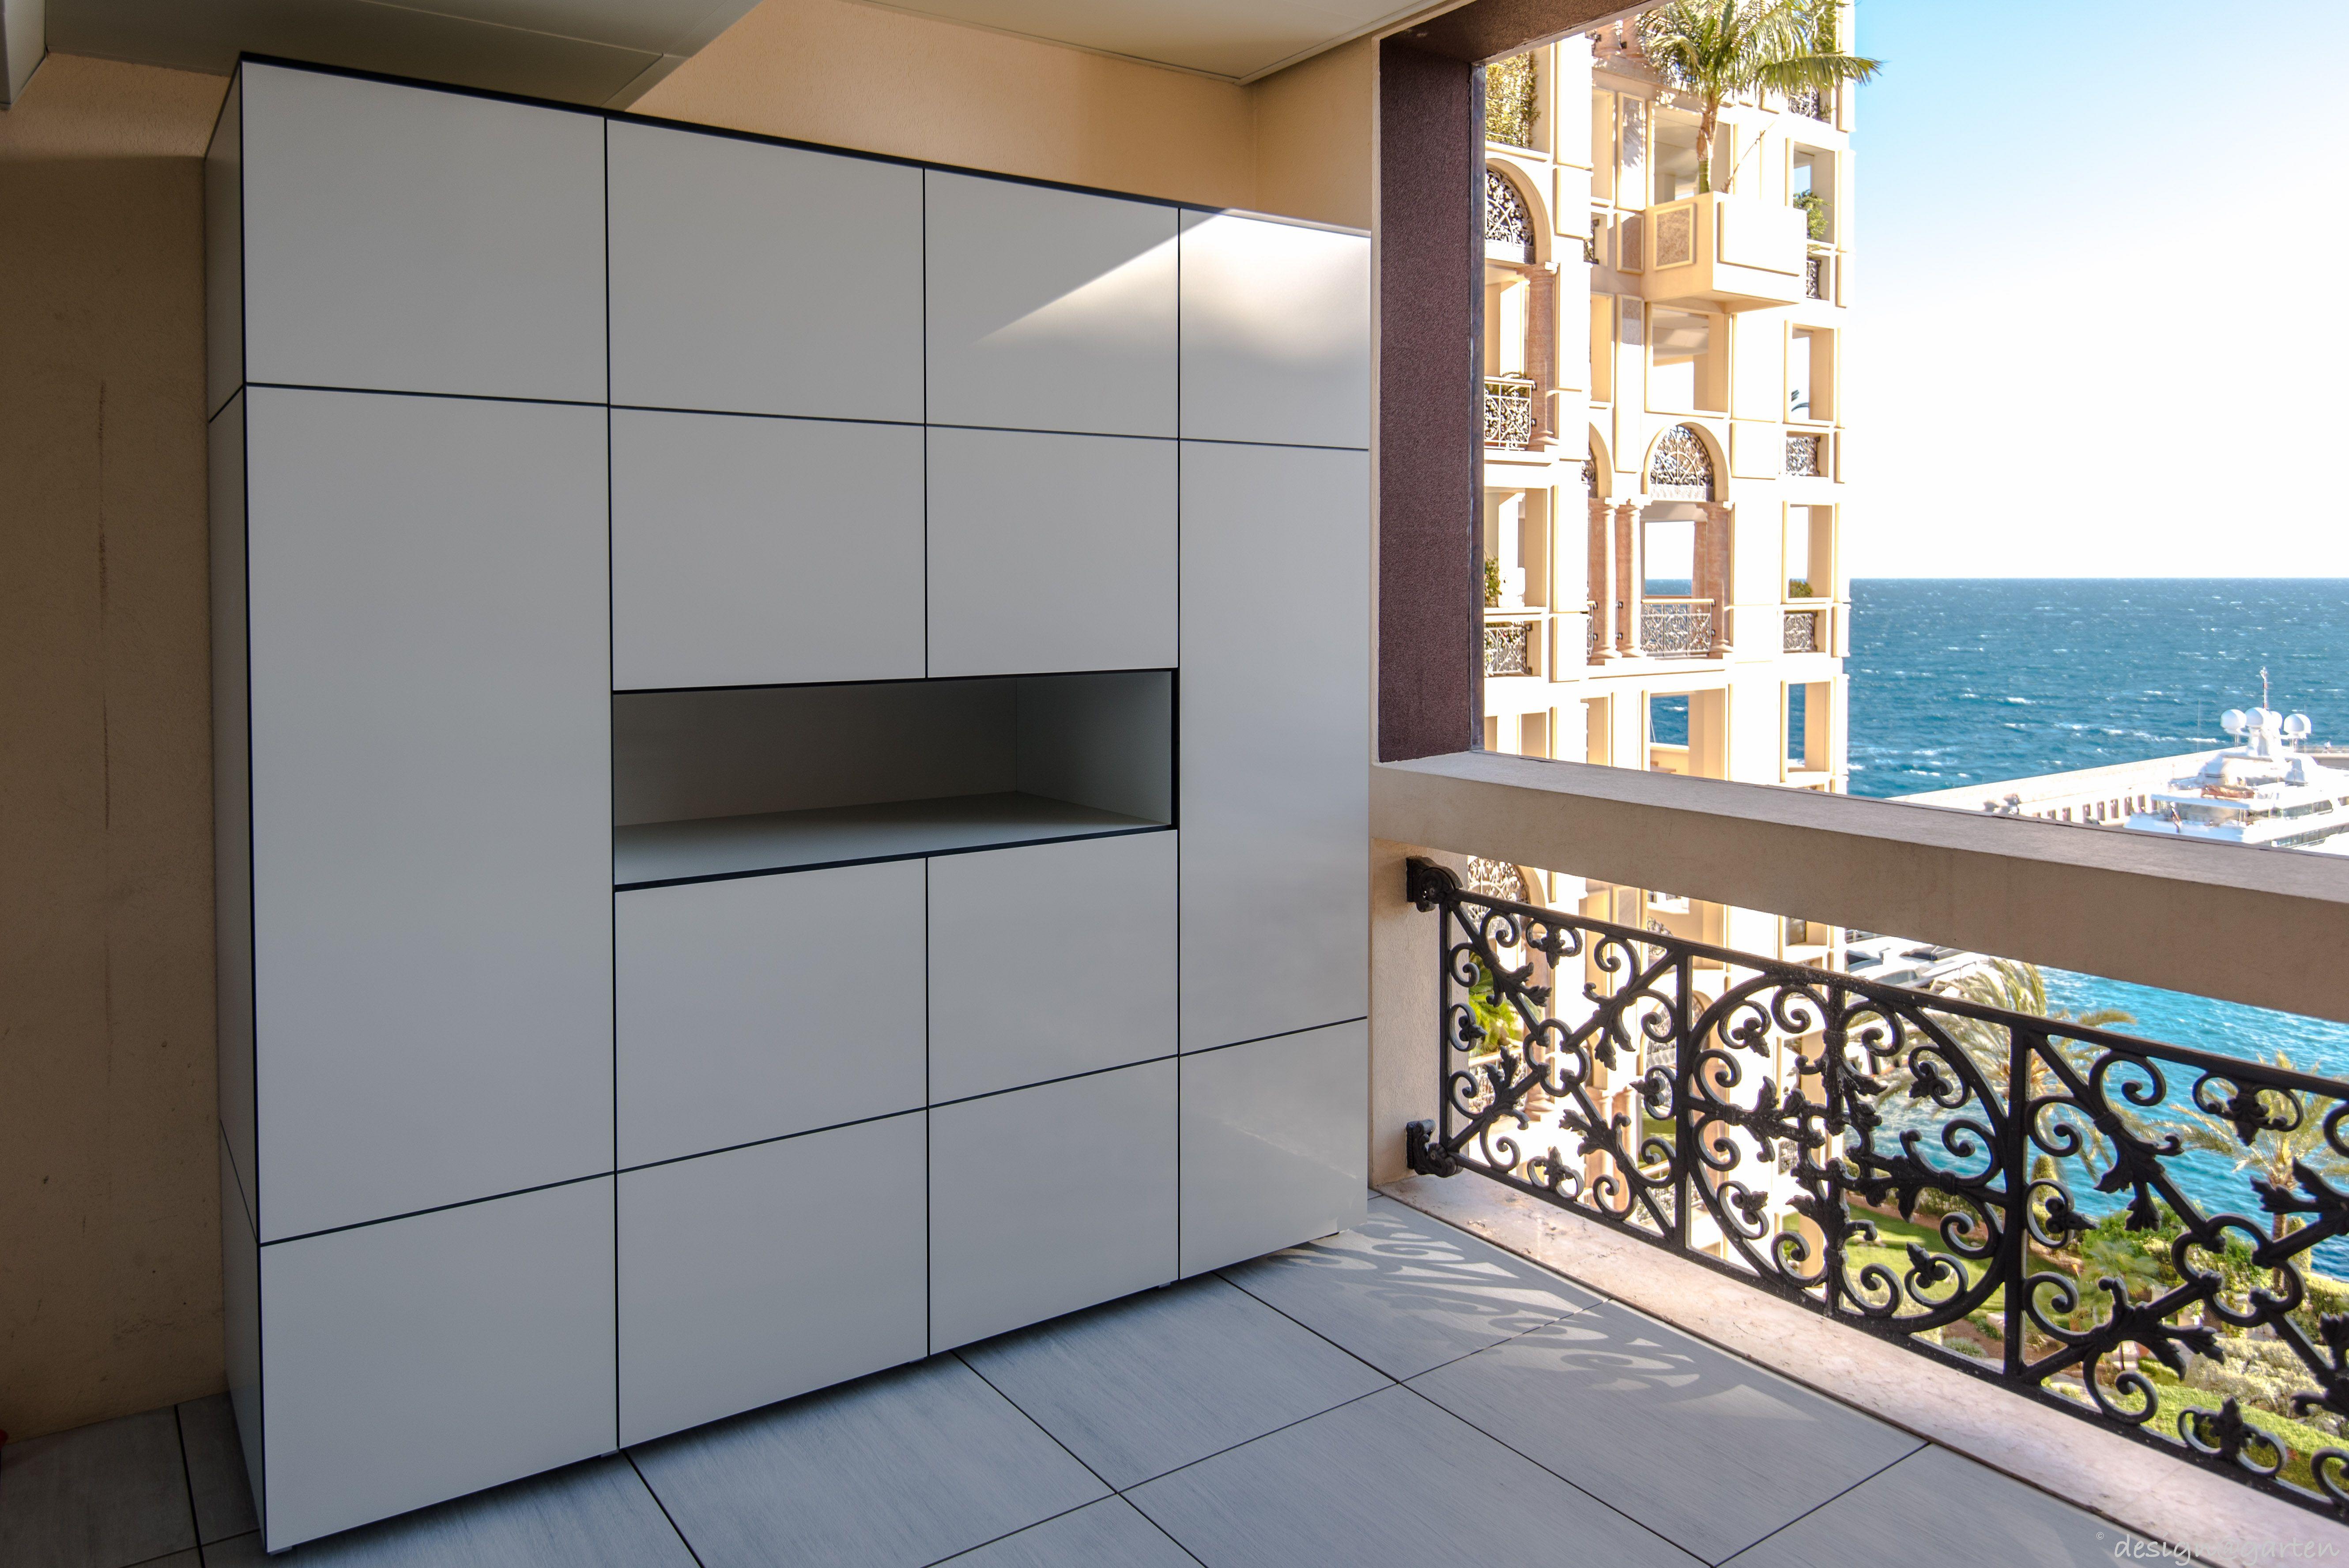 Interieur Design Ideen Gemeinsamen Projekt ? Marikana.info Pergola Im Garten Ruckzugsort Bluhend